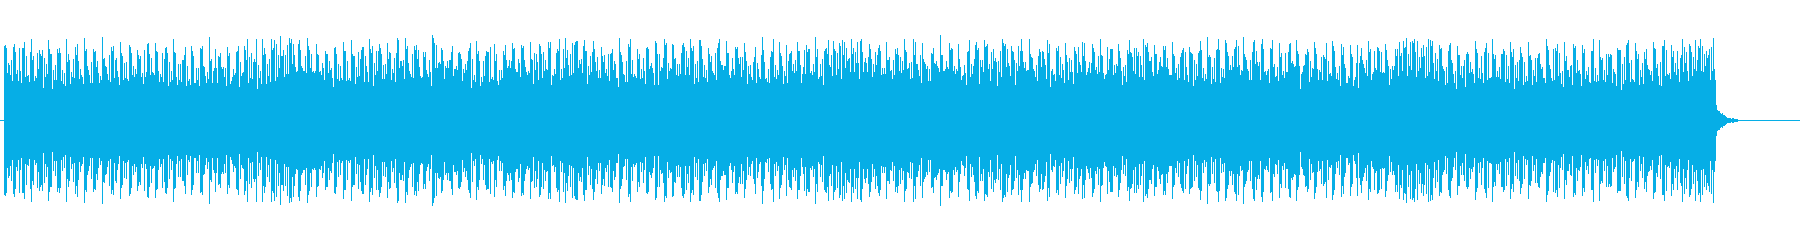 メカニカルなテクノBGMの再生済みの波形